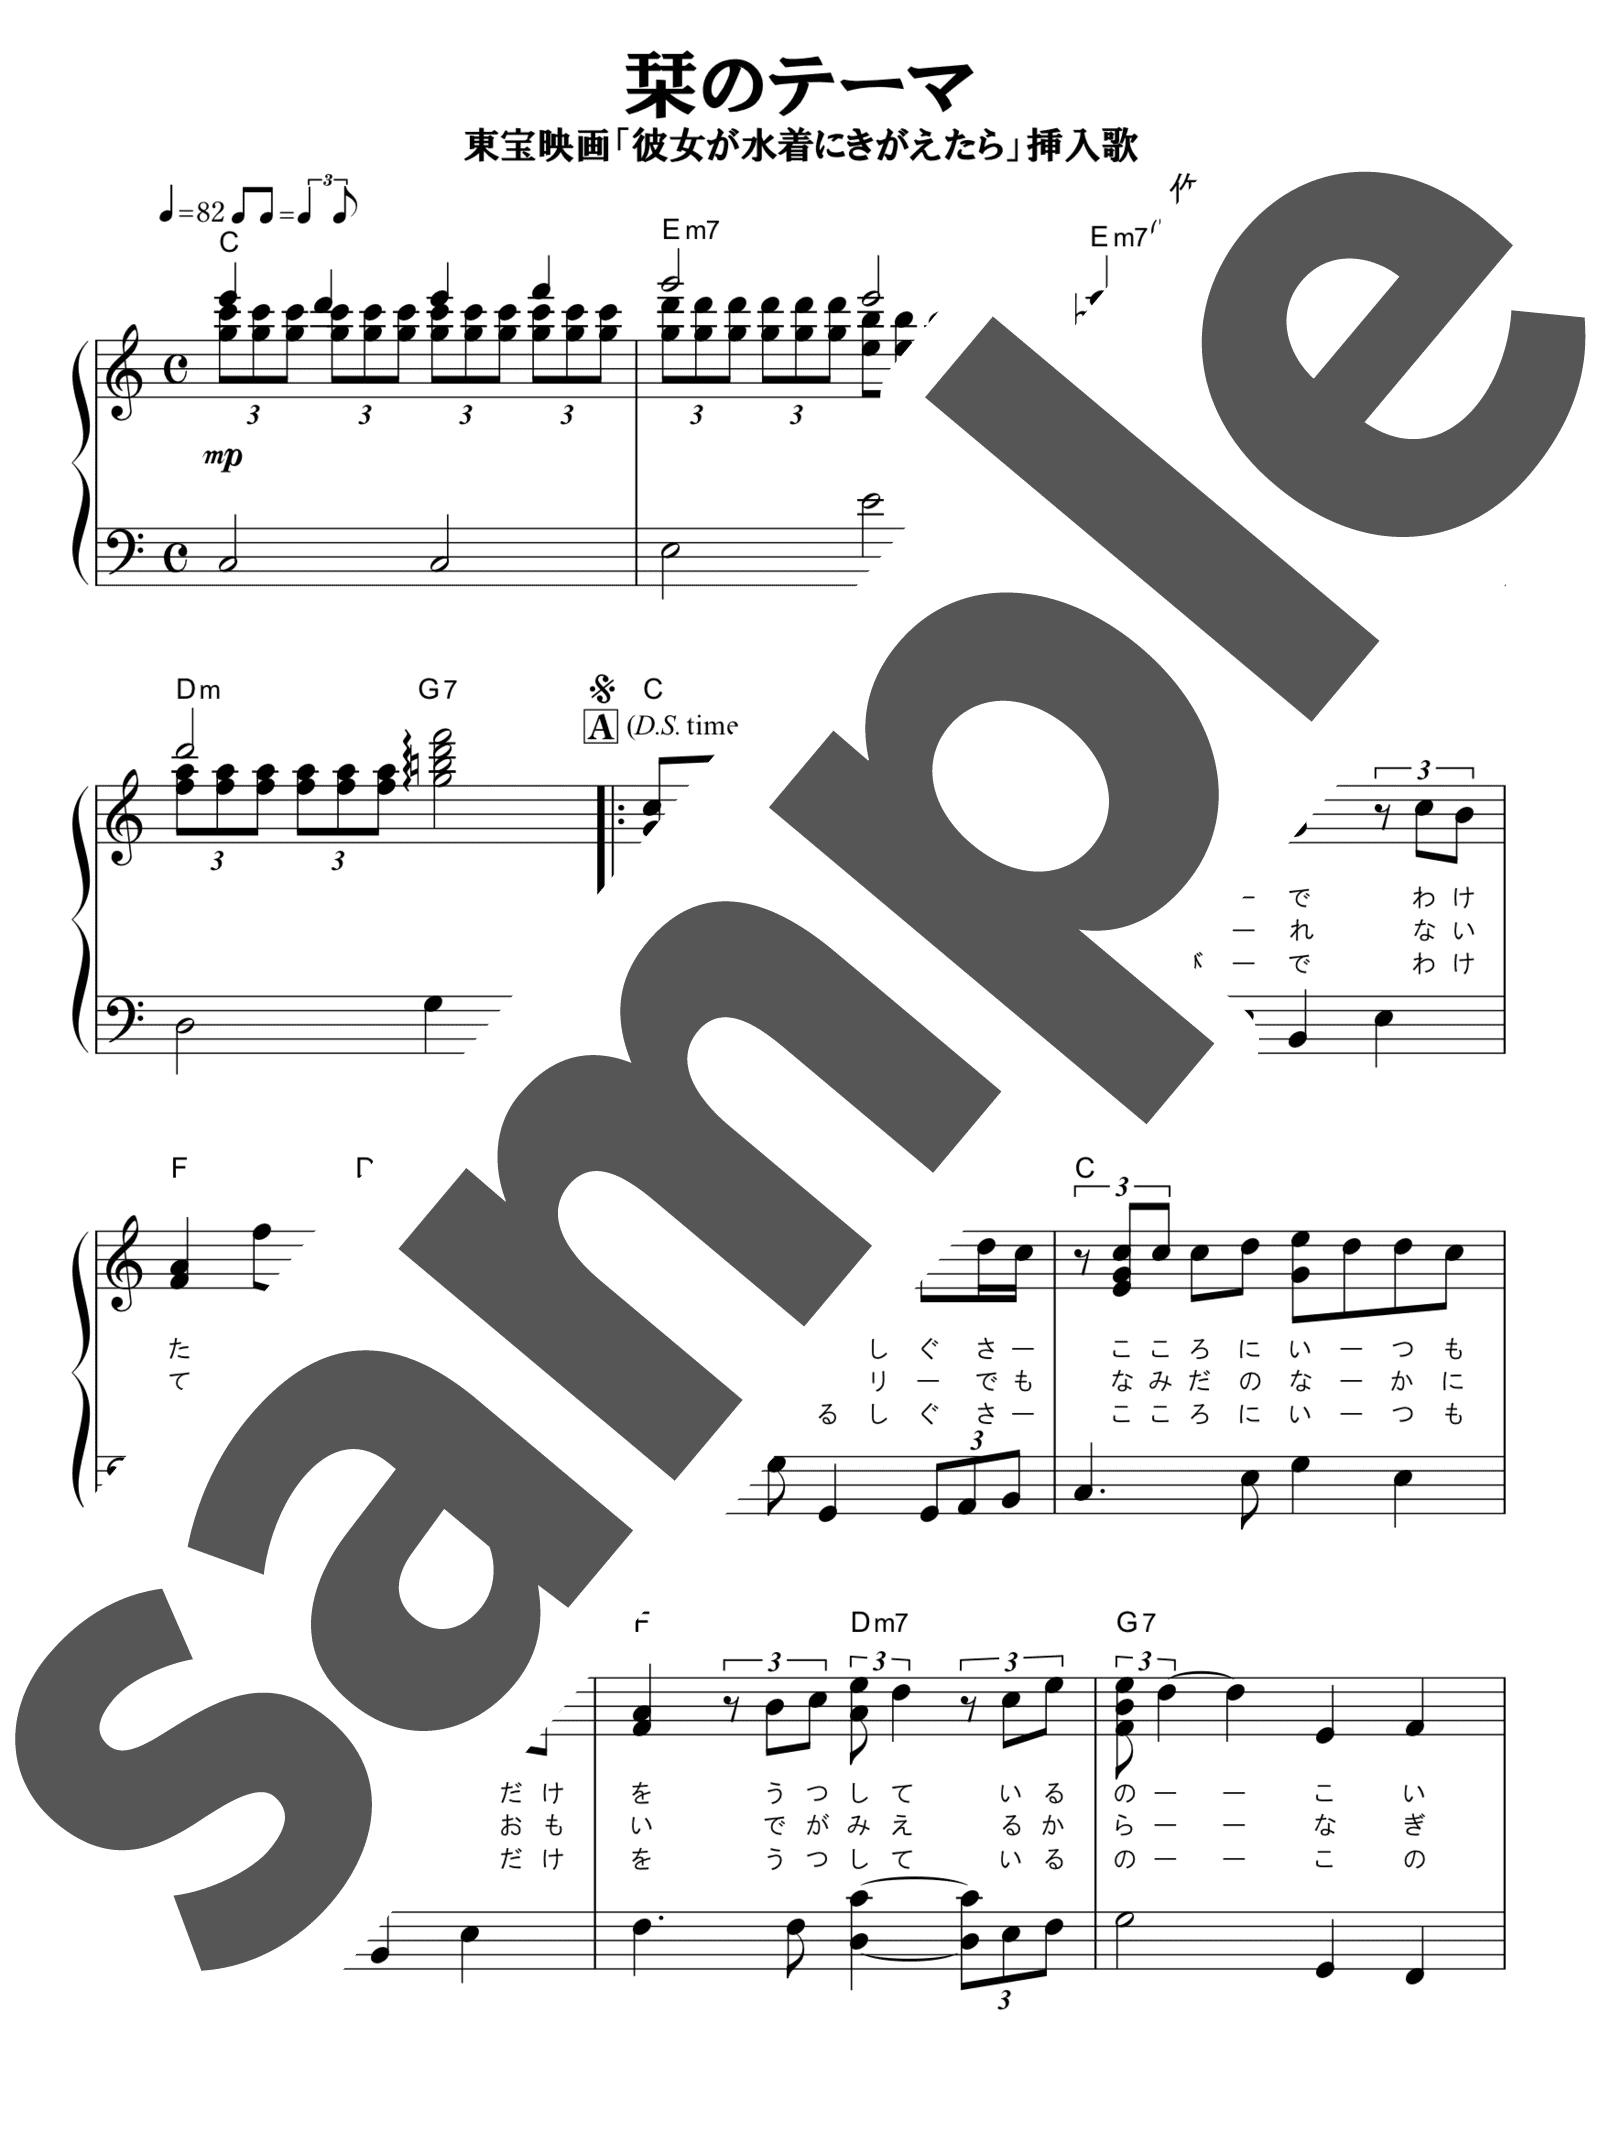 「栞のテーマ」のサンプル楽譜